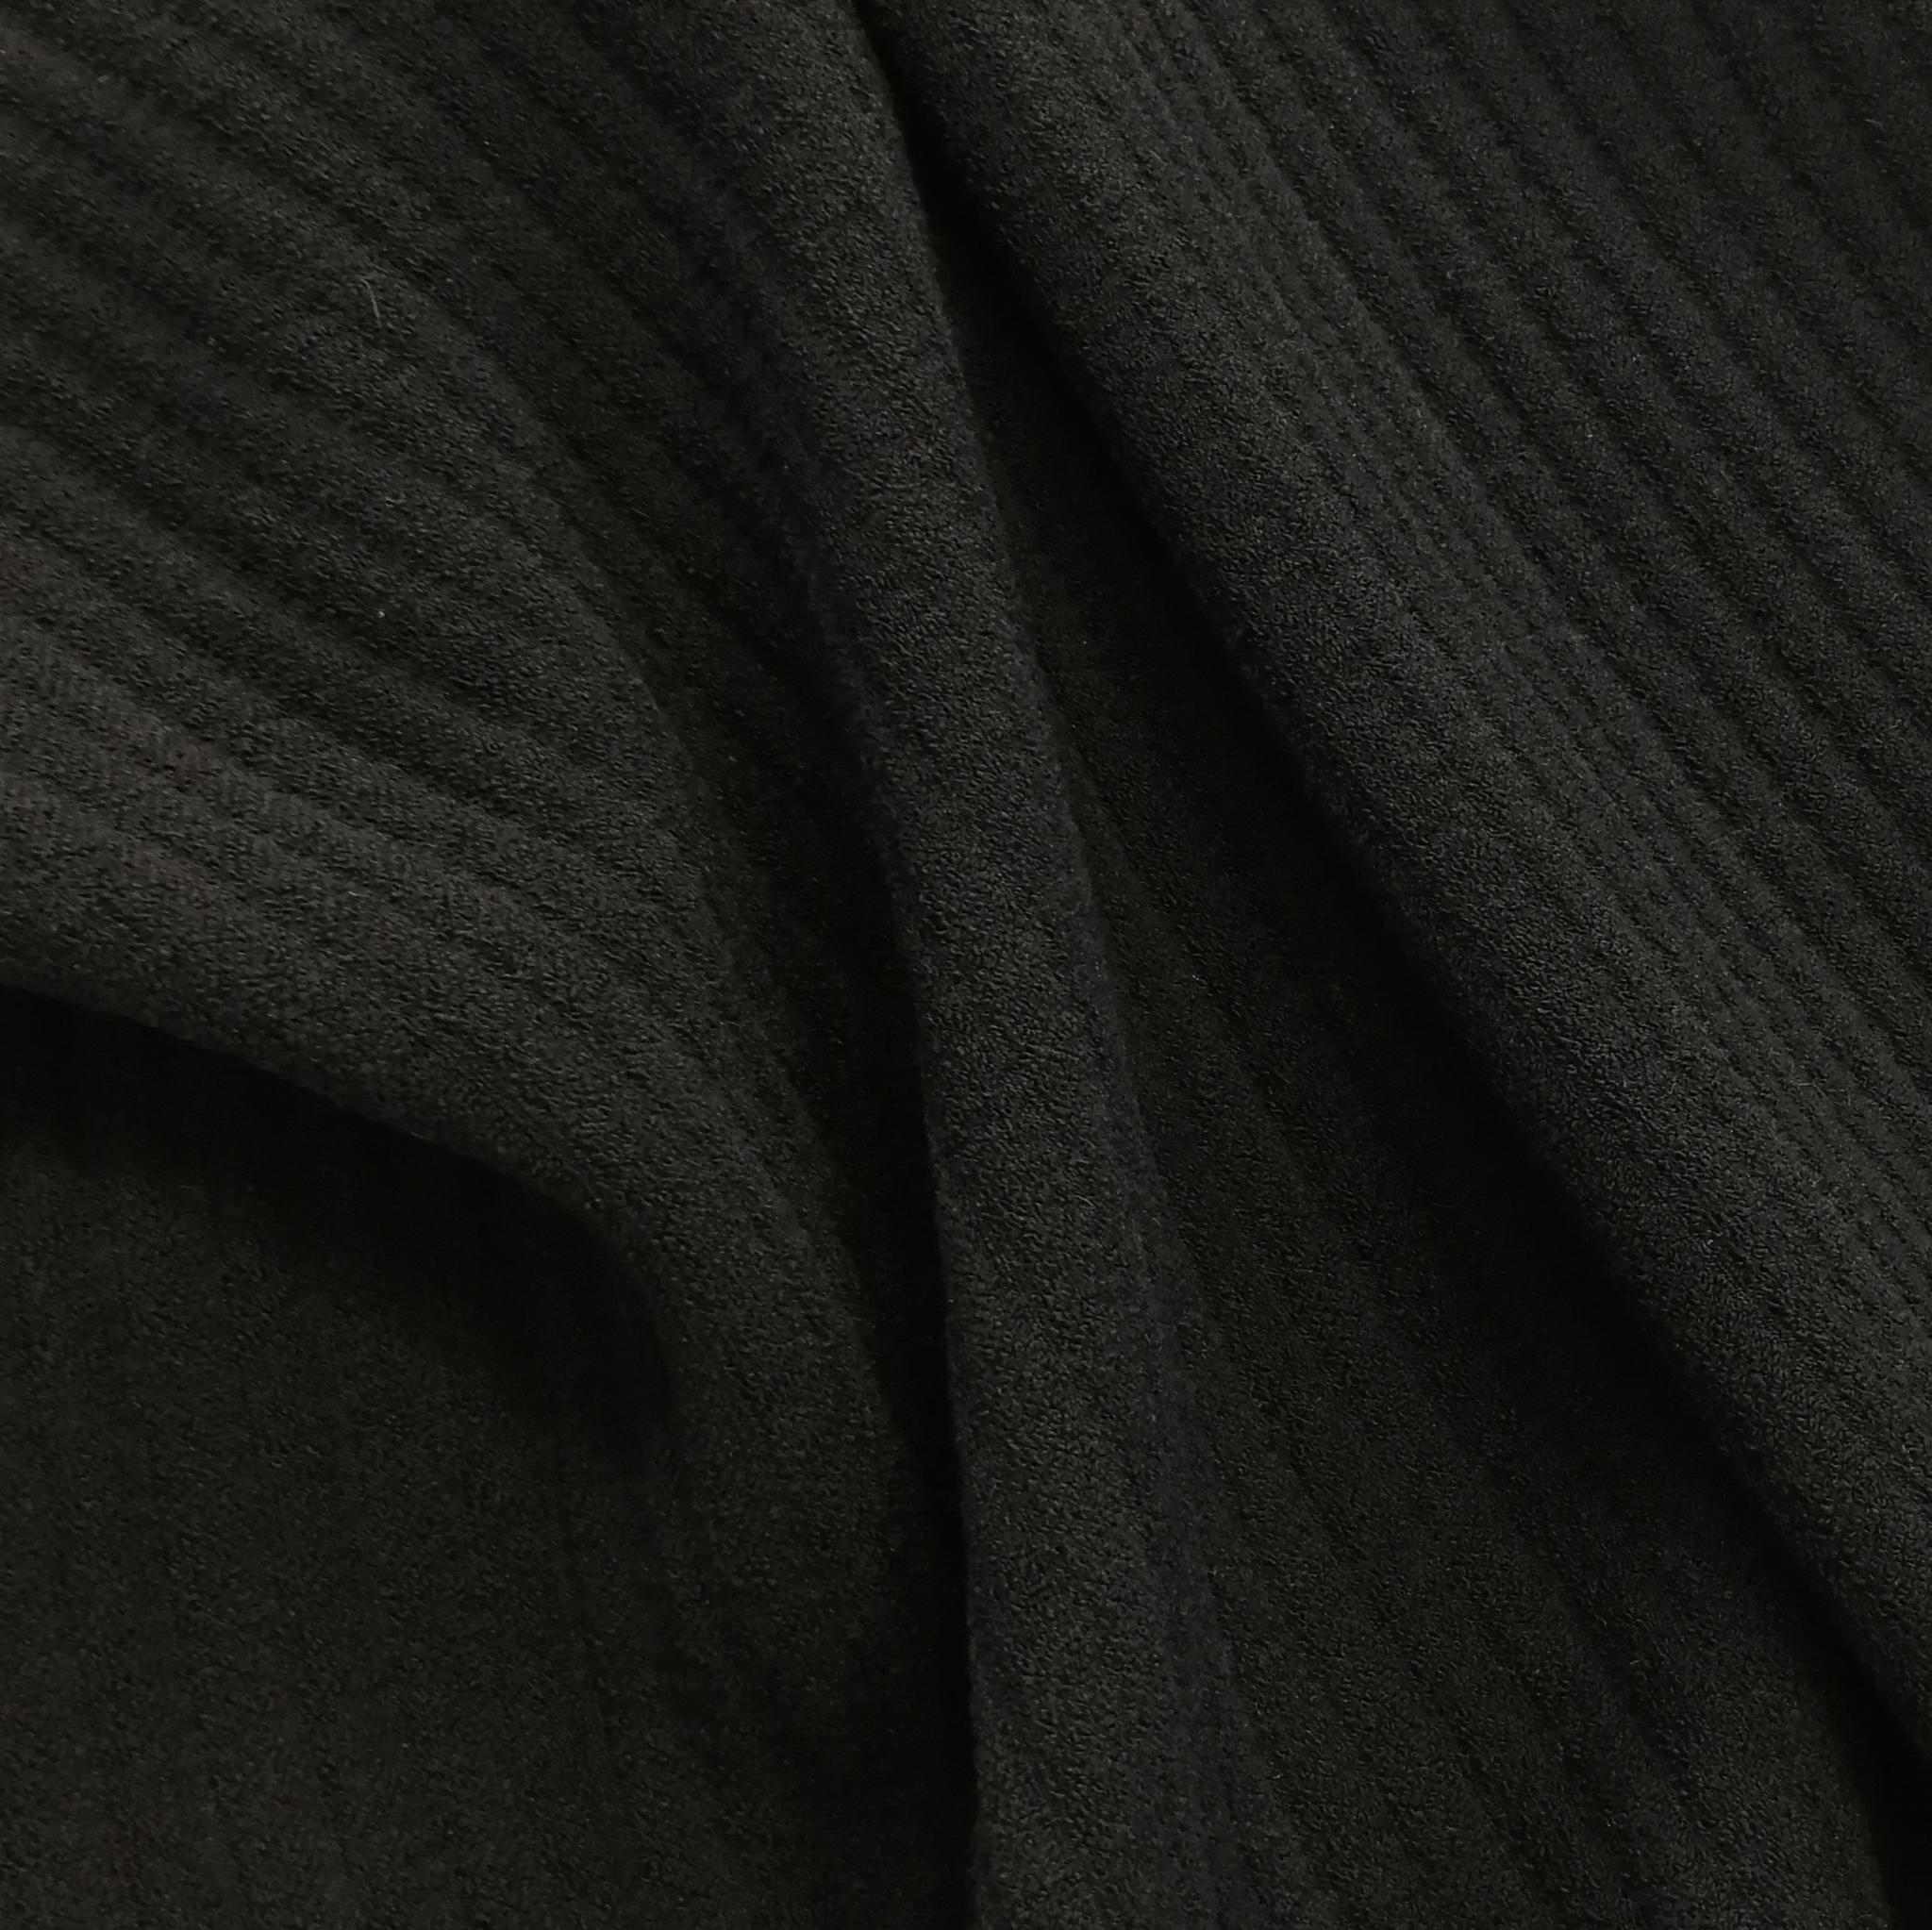 Шерстяная эластичная ткань в широкий рубчик